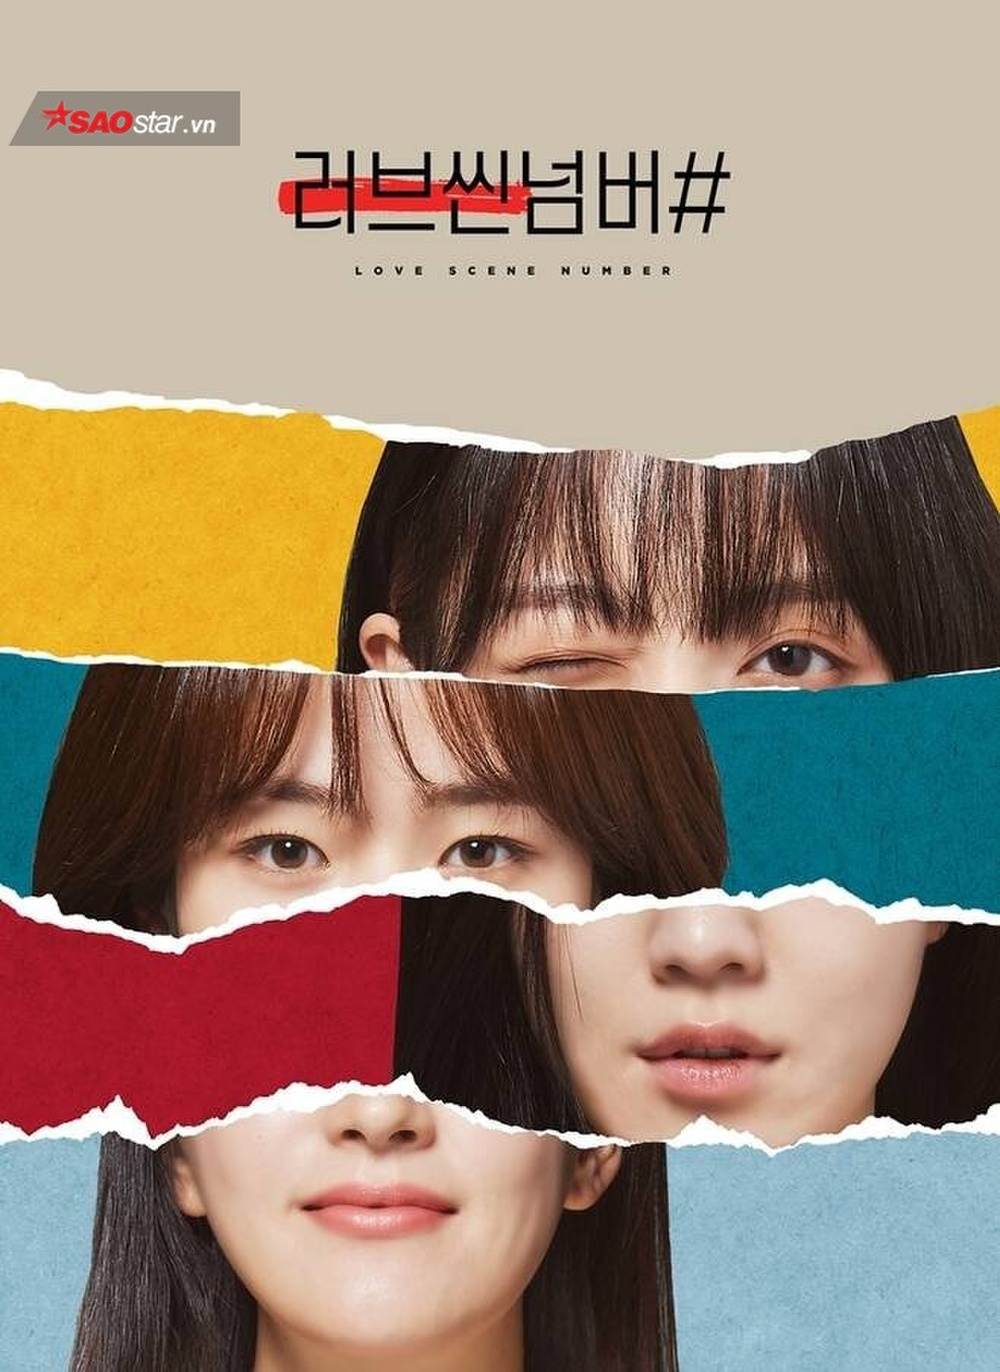 Phim Hàn Quốc đầu tháng 02: Màn đối đầu cực căng giữa Park Shin Hye và Kim So Hyun Ảnh 1